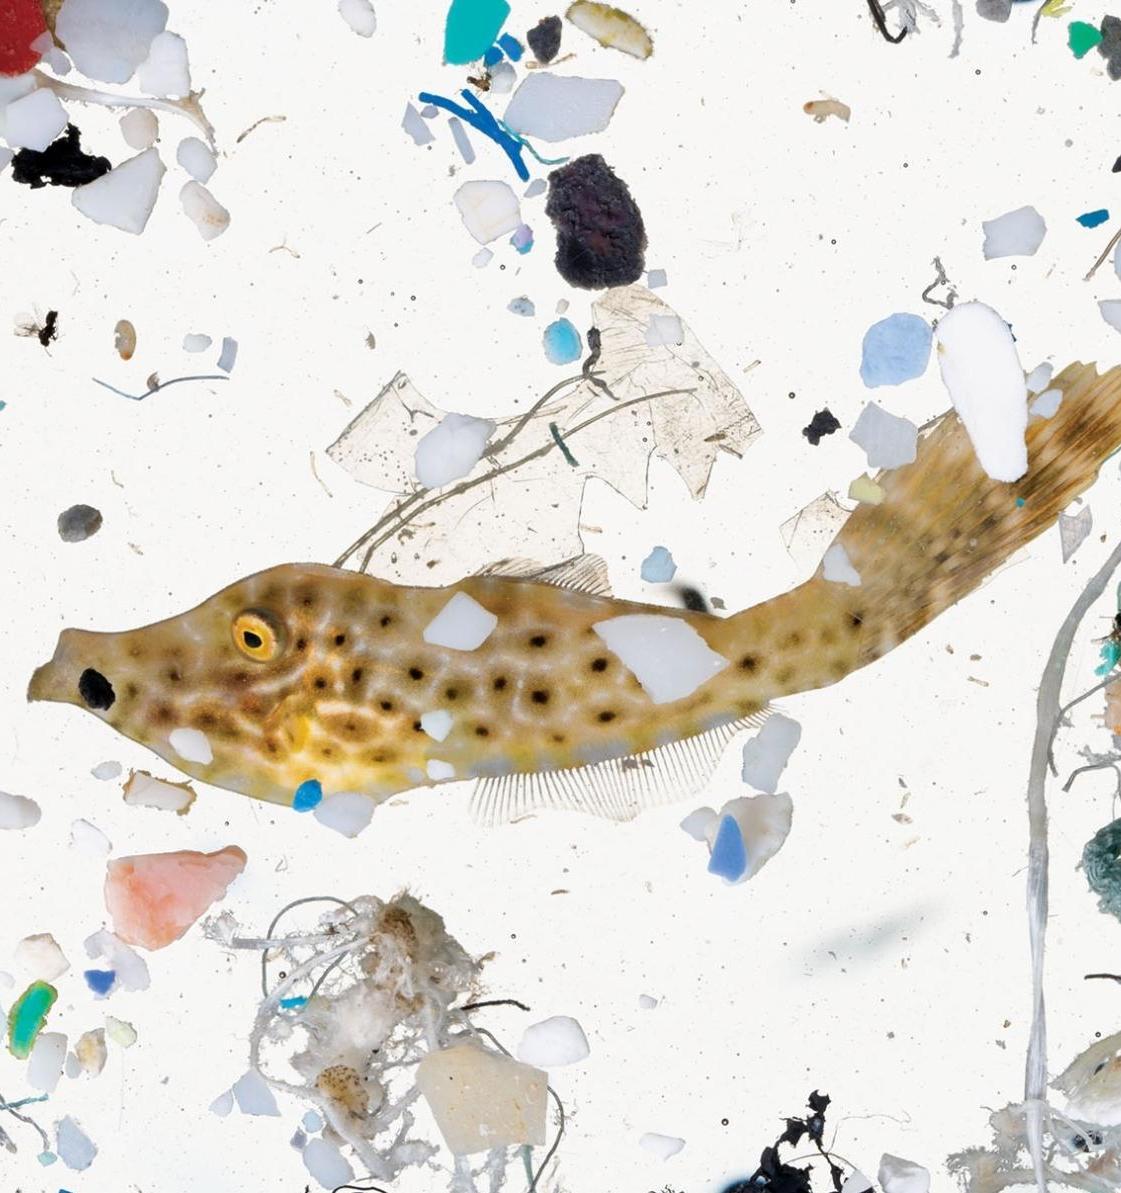 10 способов решения проблемы пластикового загрязнения